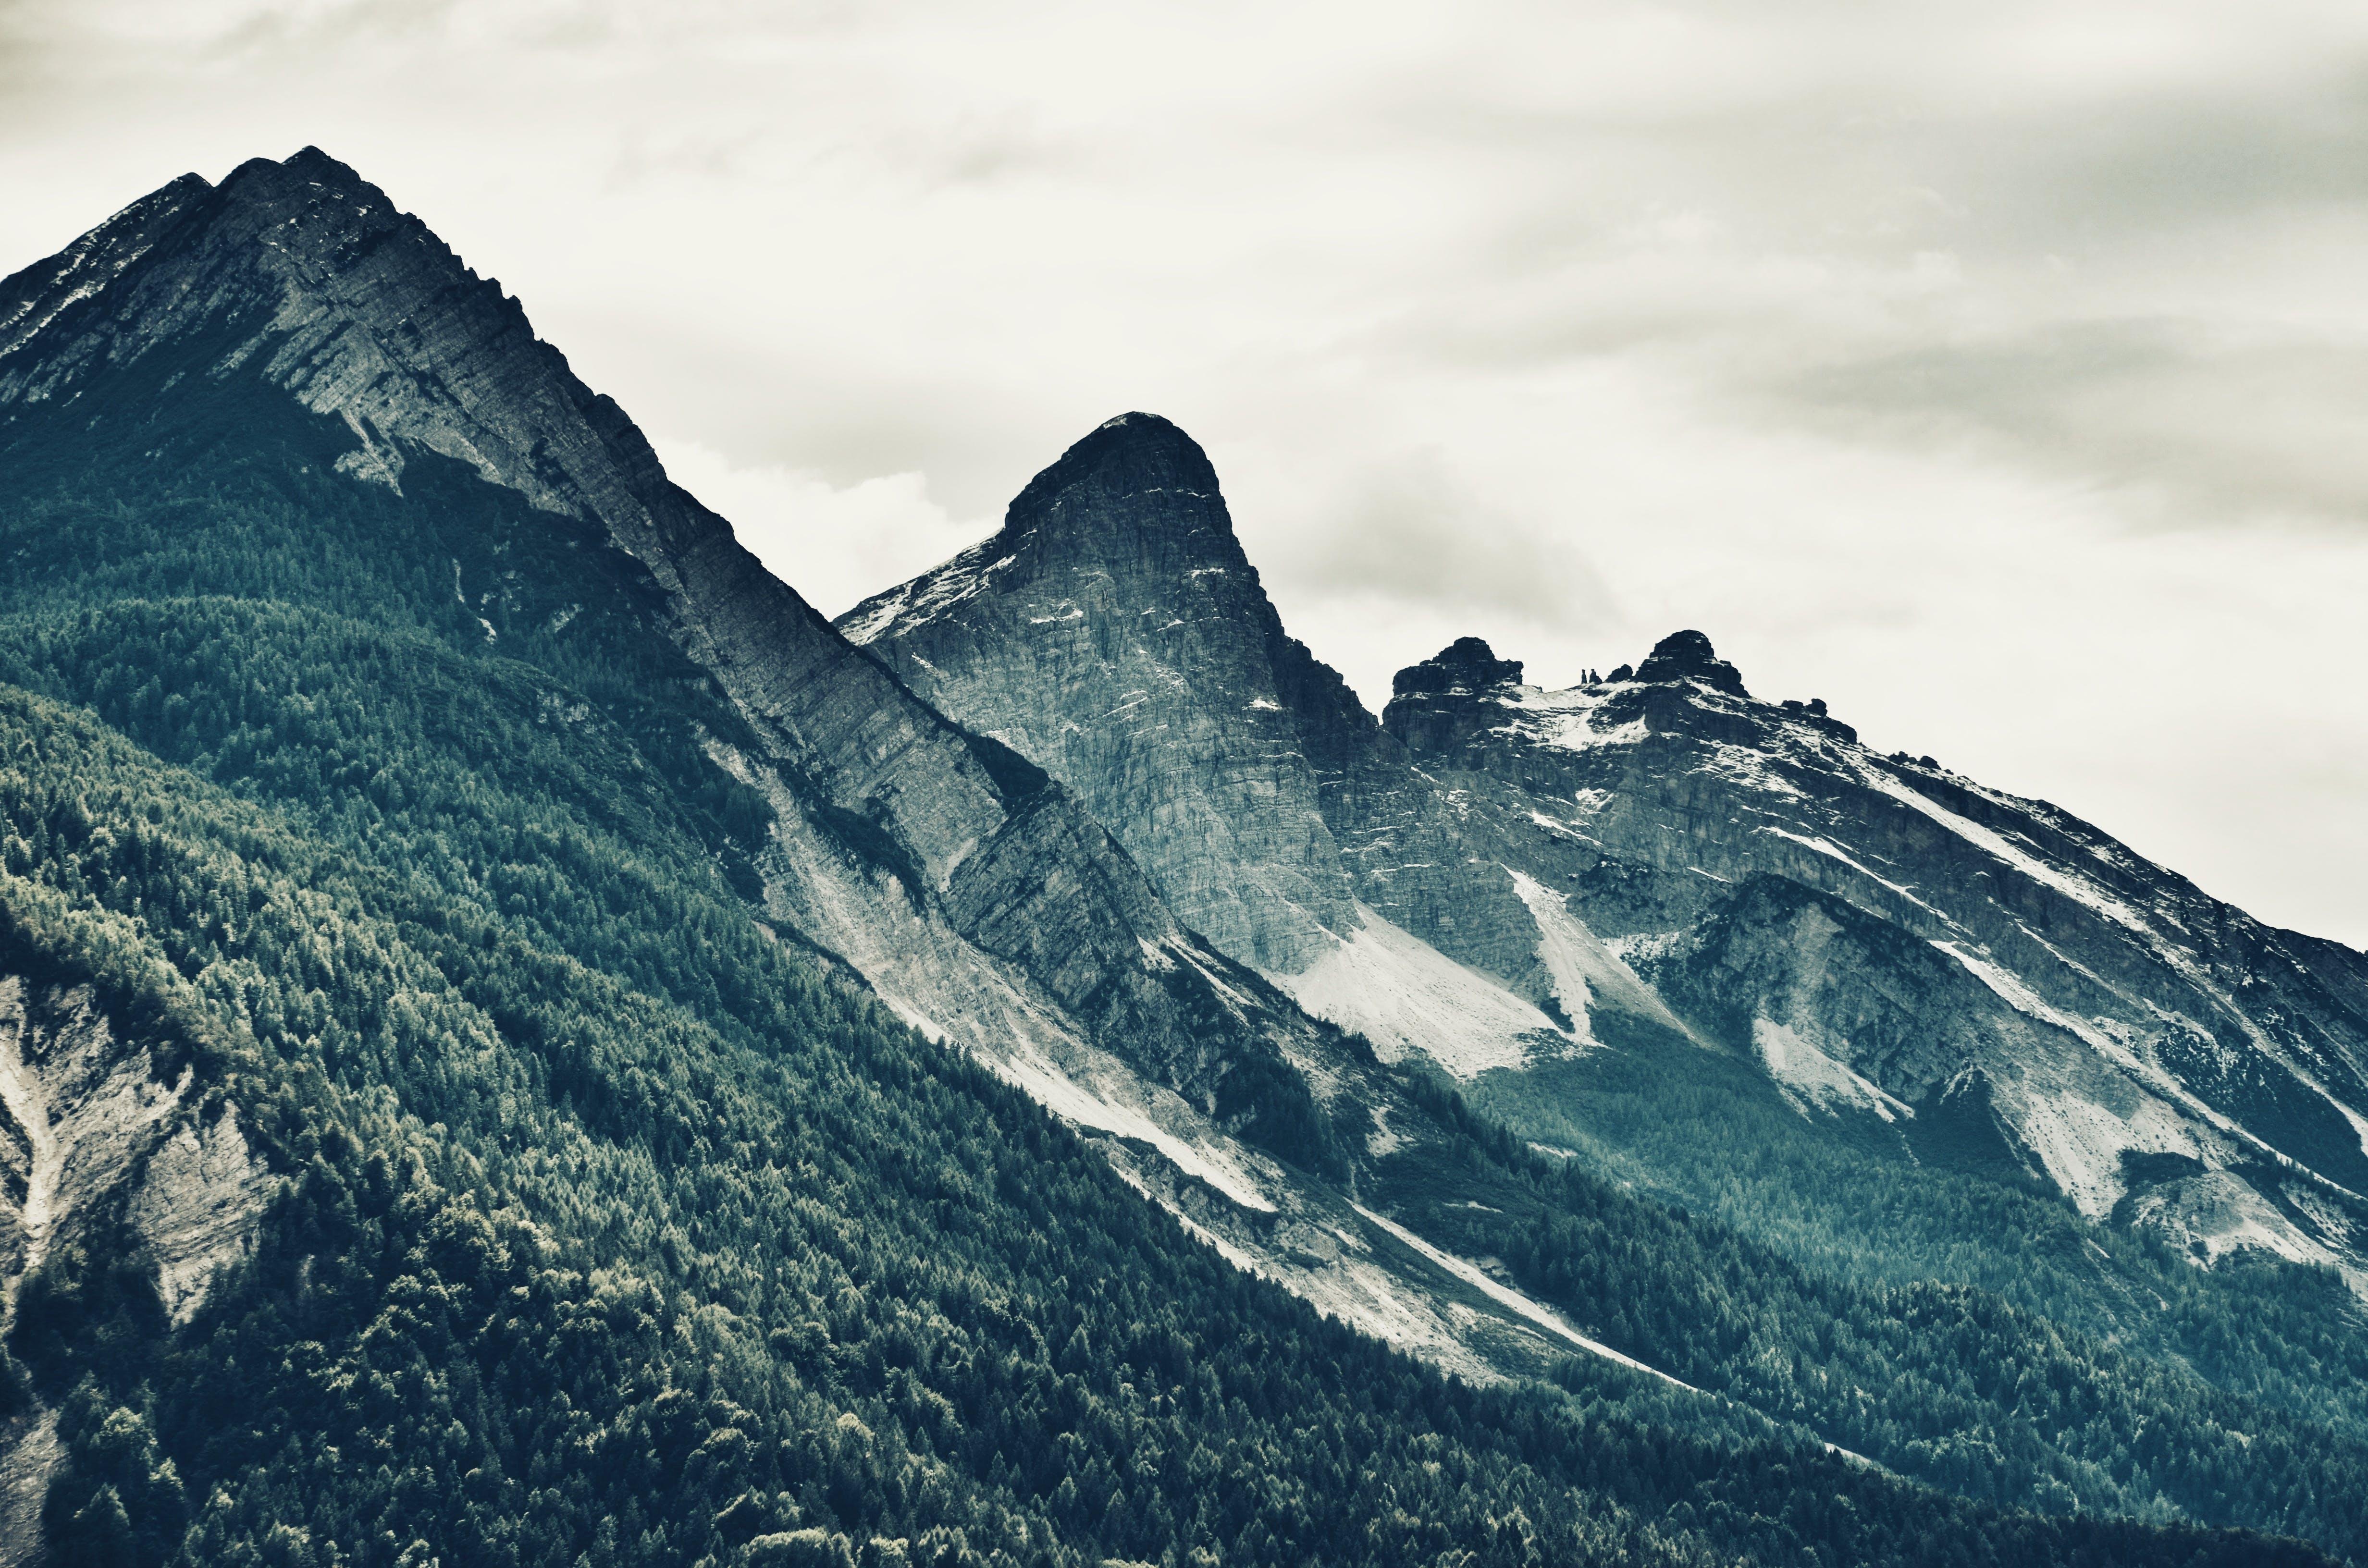 llum del dia, muntanya, muntanya rocallosa